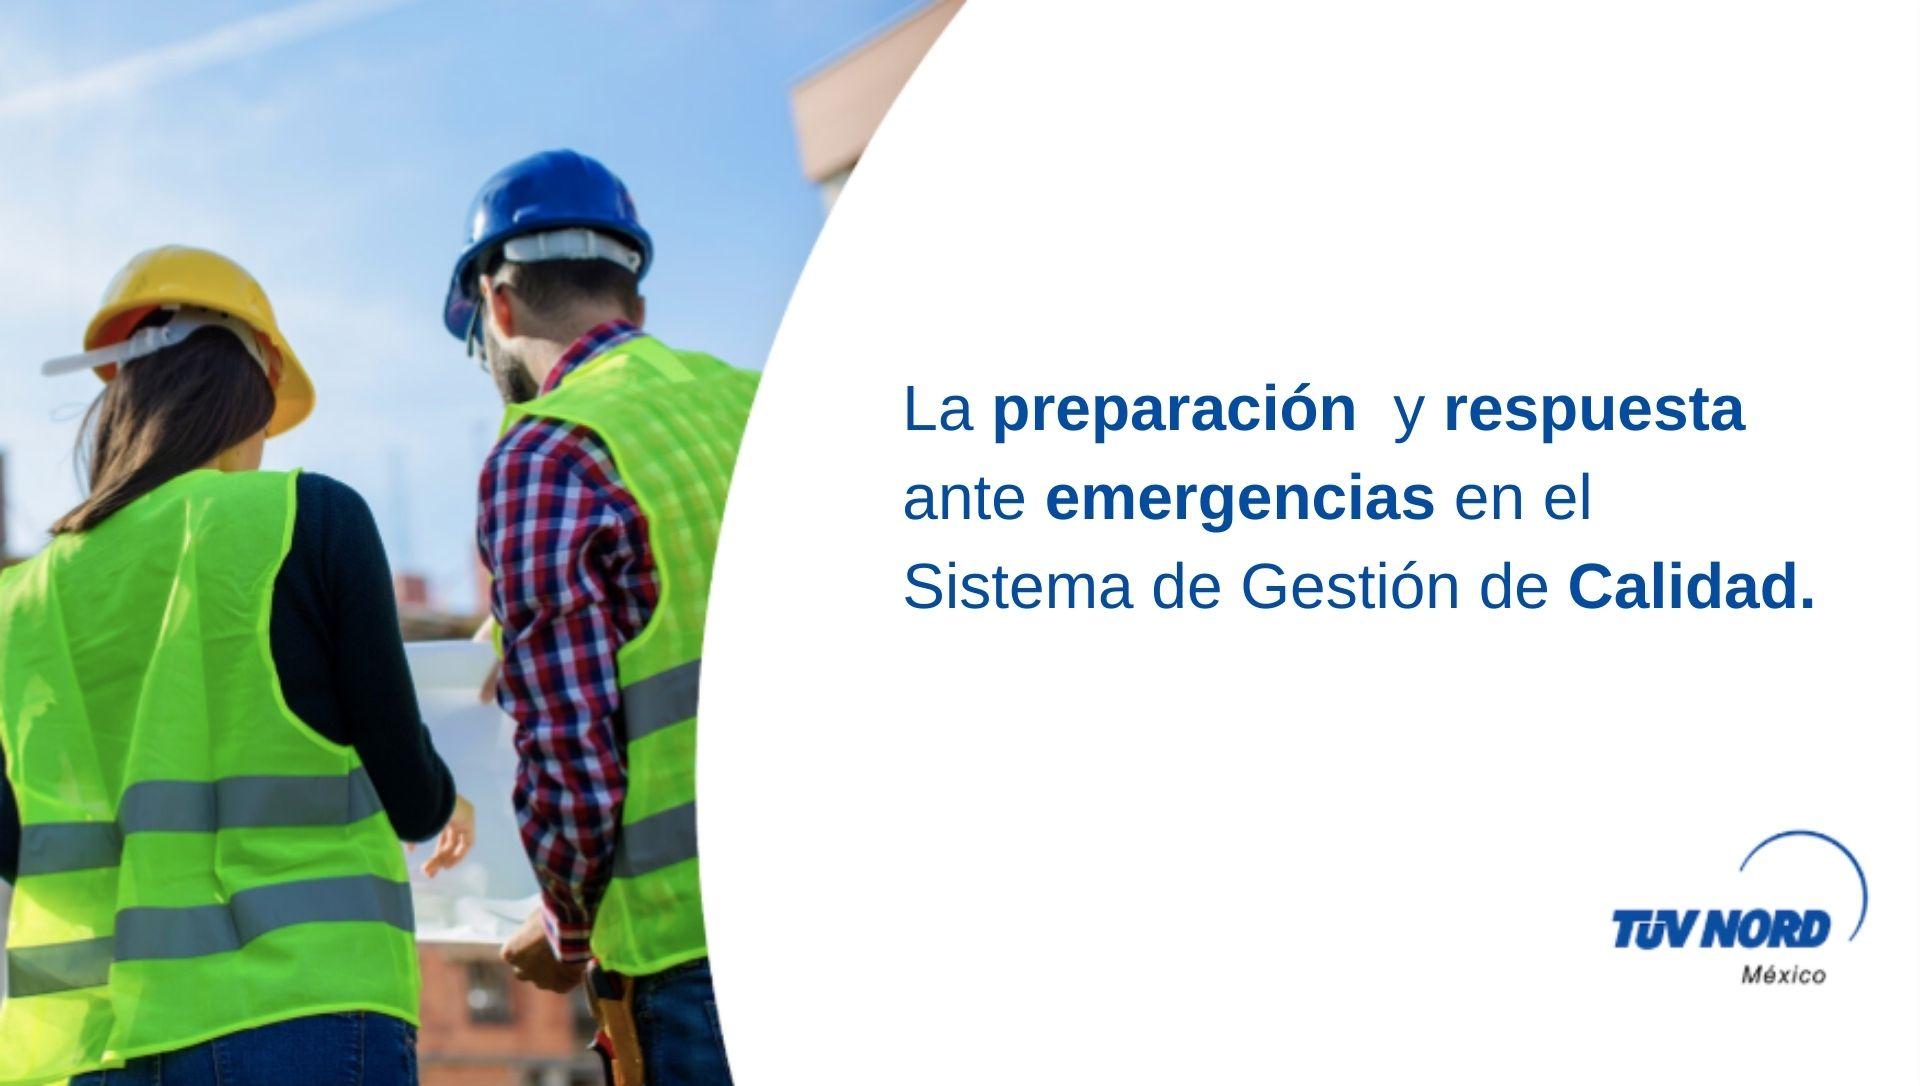 La preparación y respuesta ante emergencias en el Sistema de Gestión de la Calidad.